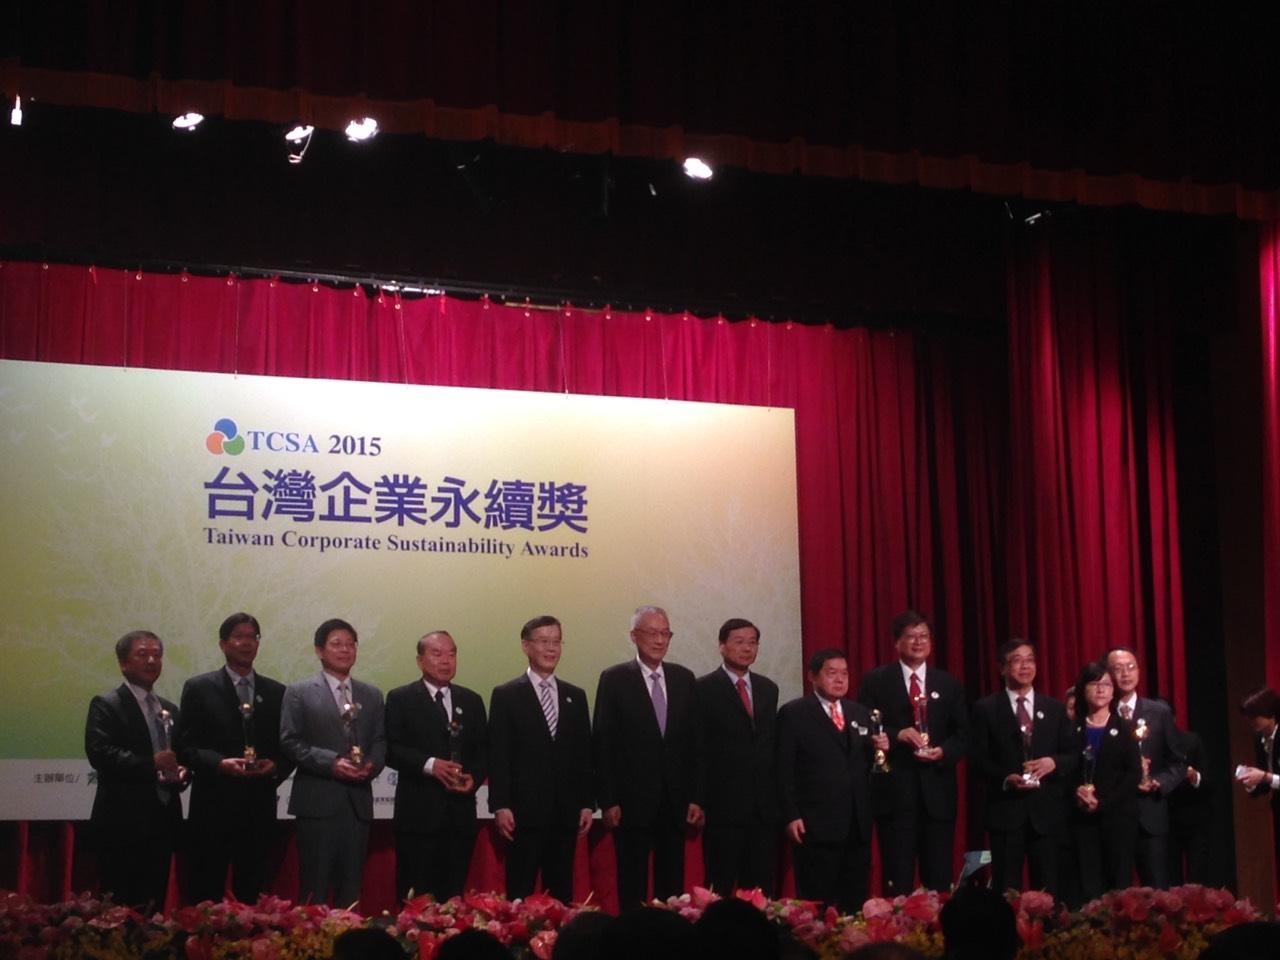 第八屆的企業永續獎頒獎典禮暨特別報導